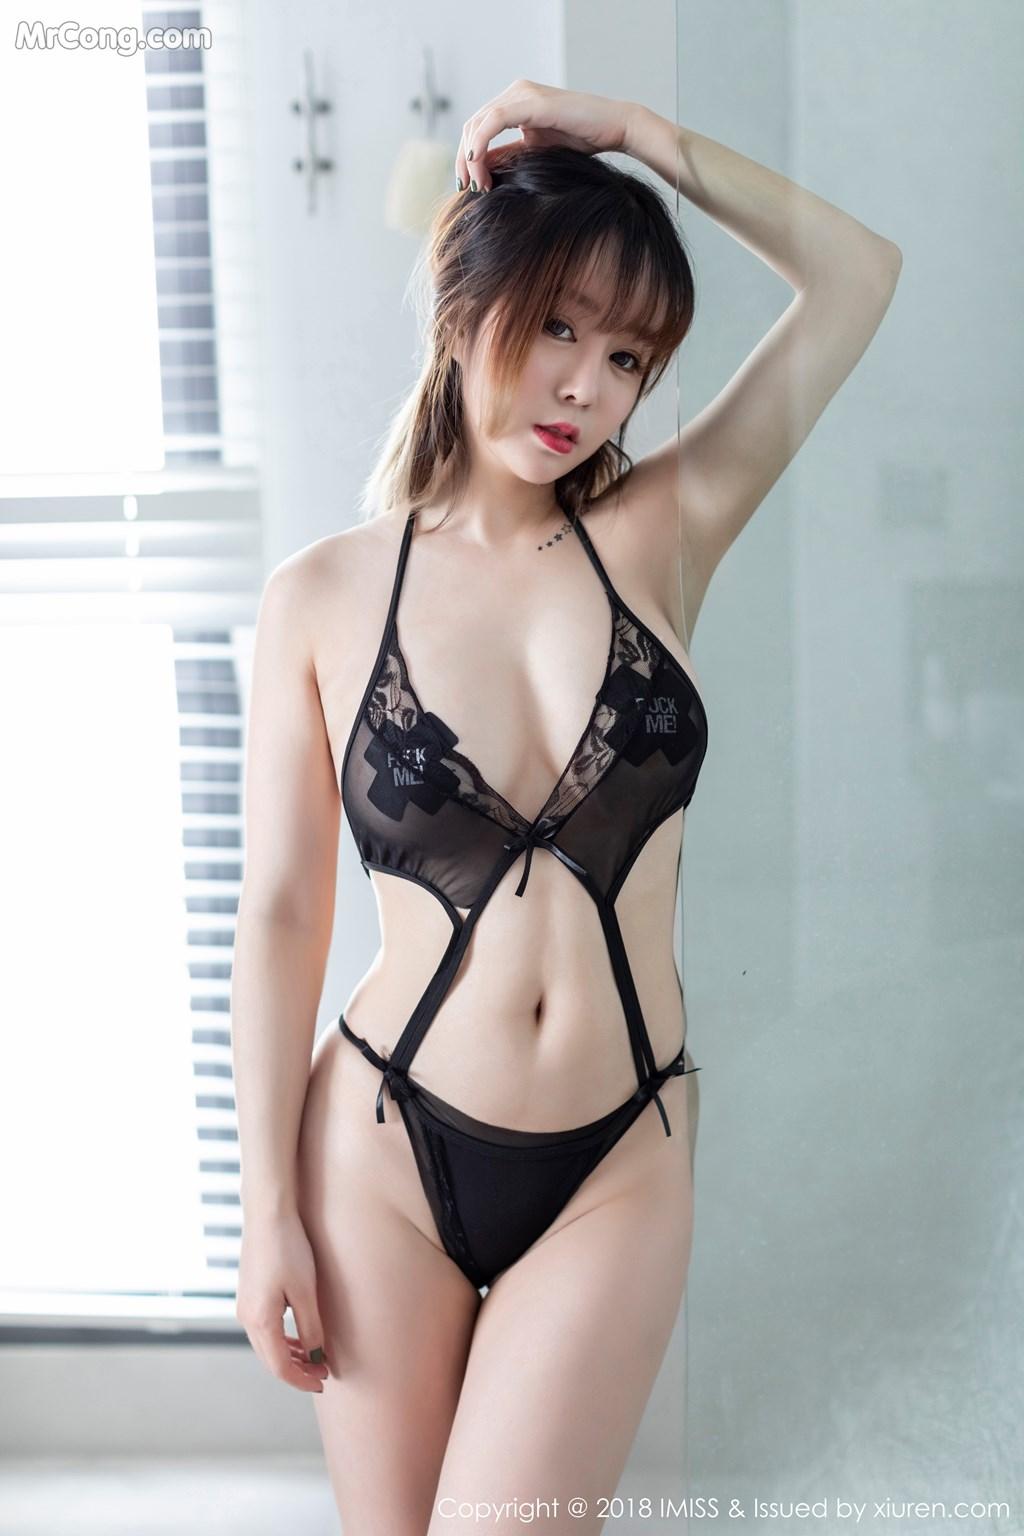 Image IMISS-Vol.310-Wang-Yu-Chun-MrCong.com-025 in post IMISS Vol.310: Người mẫu Wang Yu Chun (王雨纯) (37 ảnh)